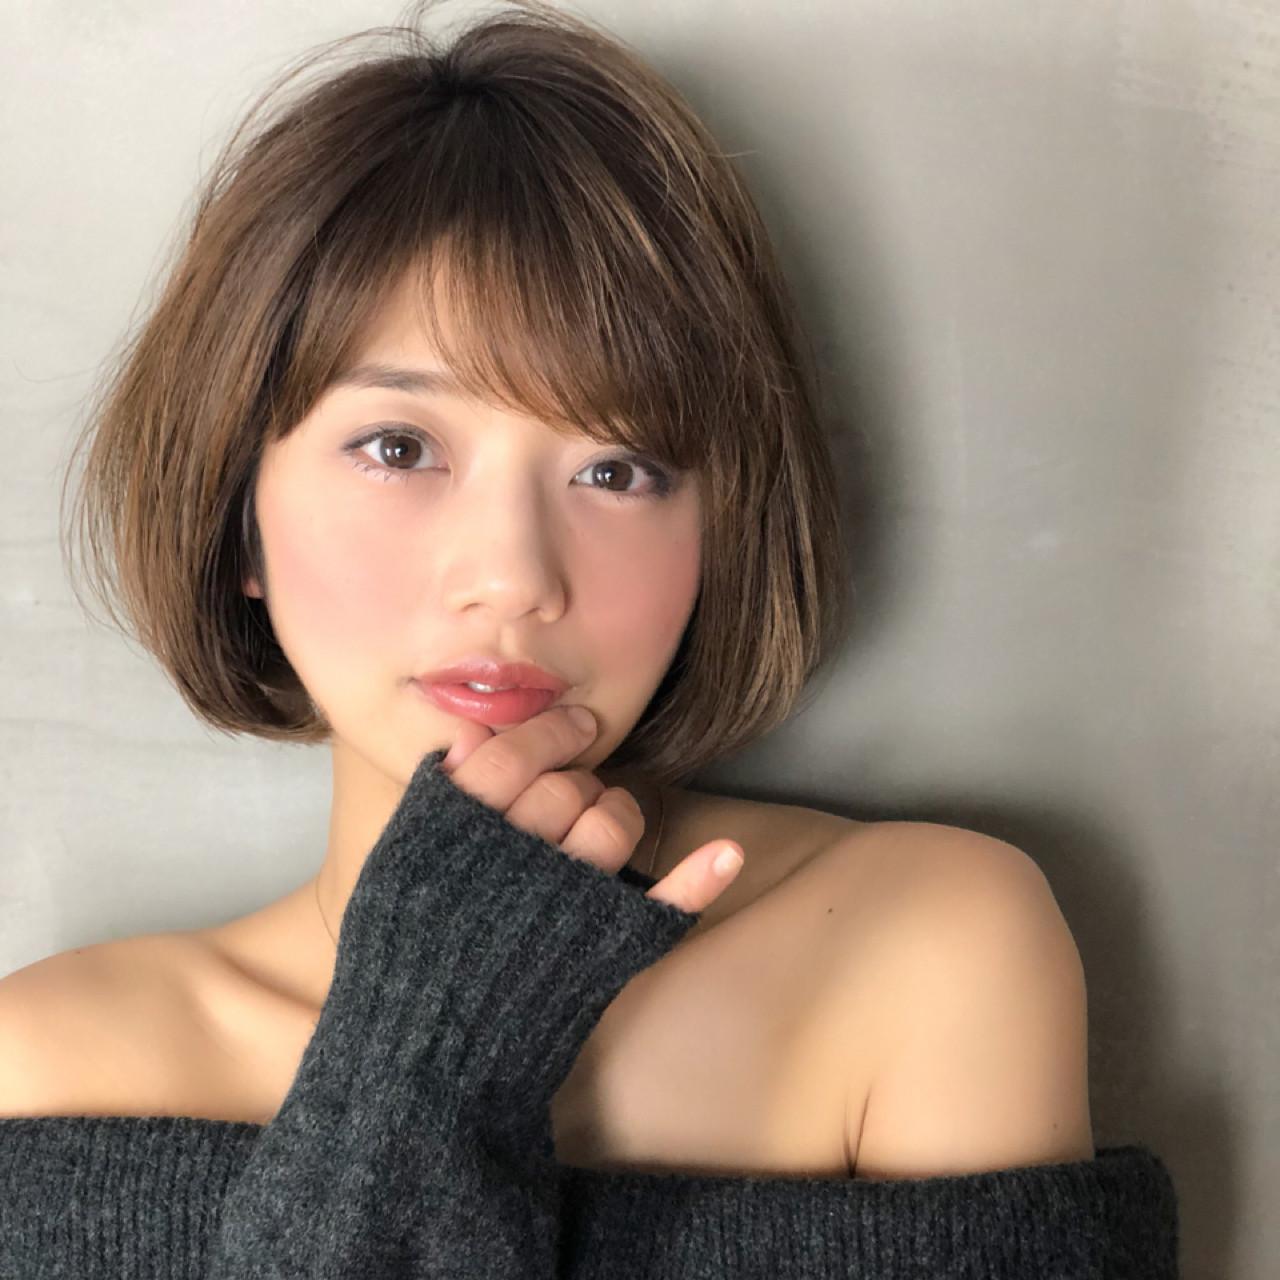 オフィス フェミニン 色気 前下がり ヘアスタイルや髪型の写真・画像 | Ninomiya Takashi / Grege